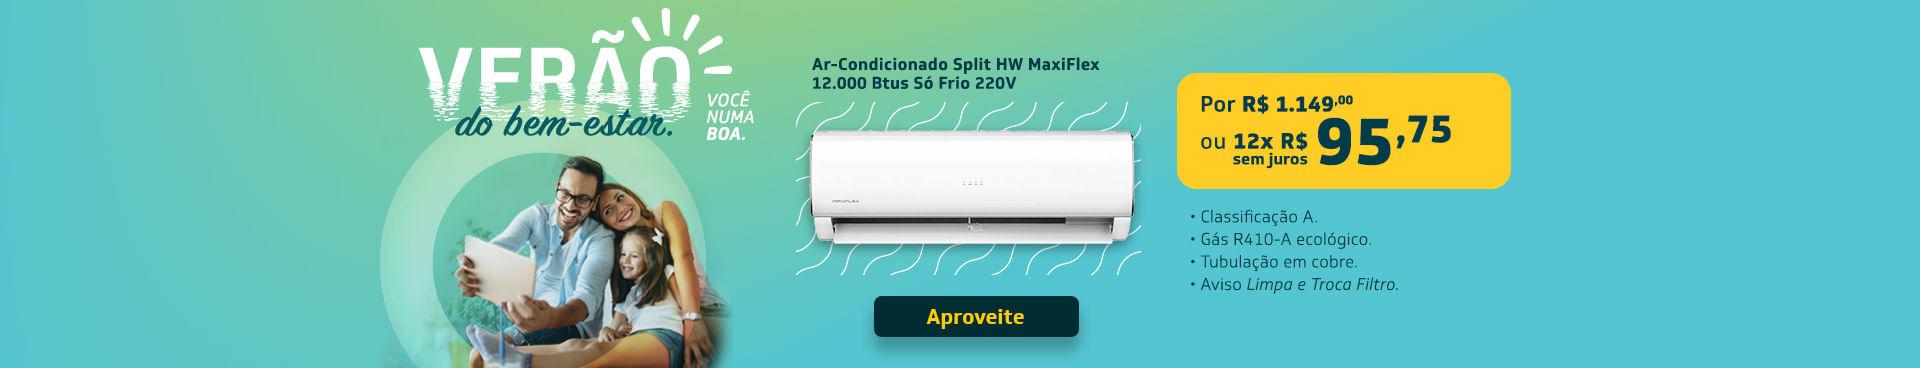 Verão com Maxiflex | Leveros